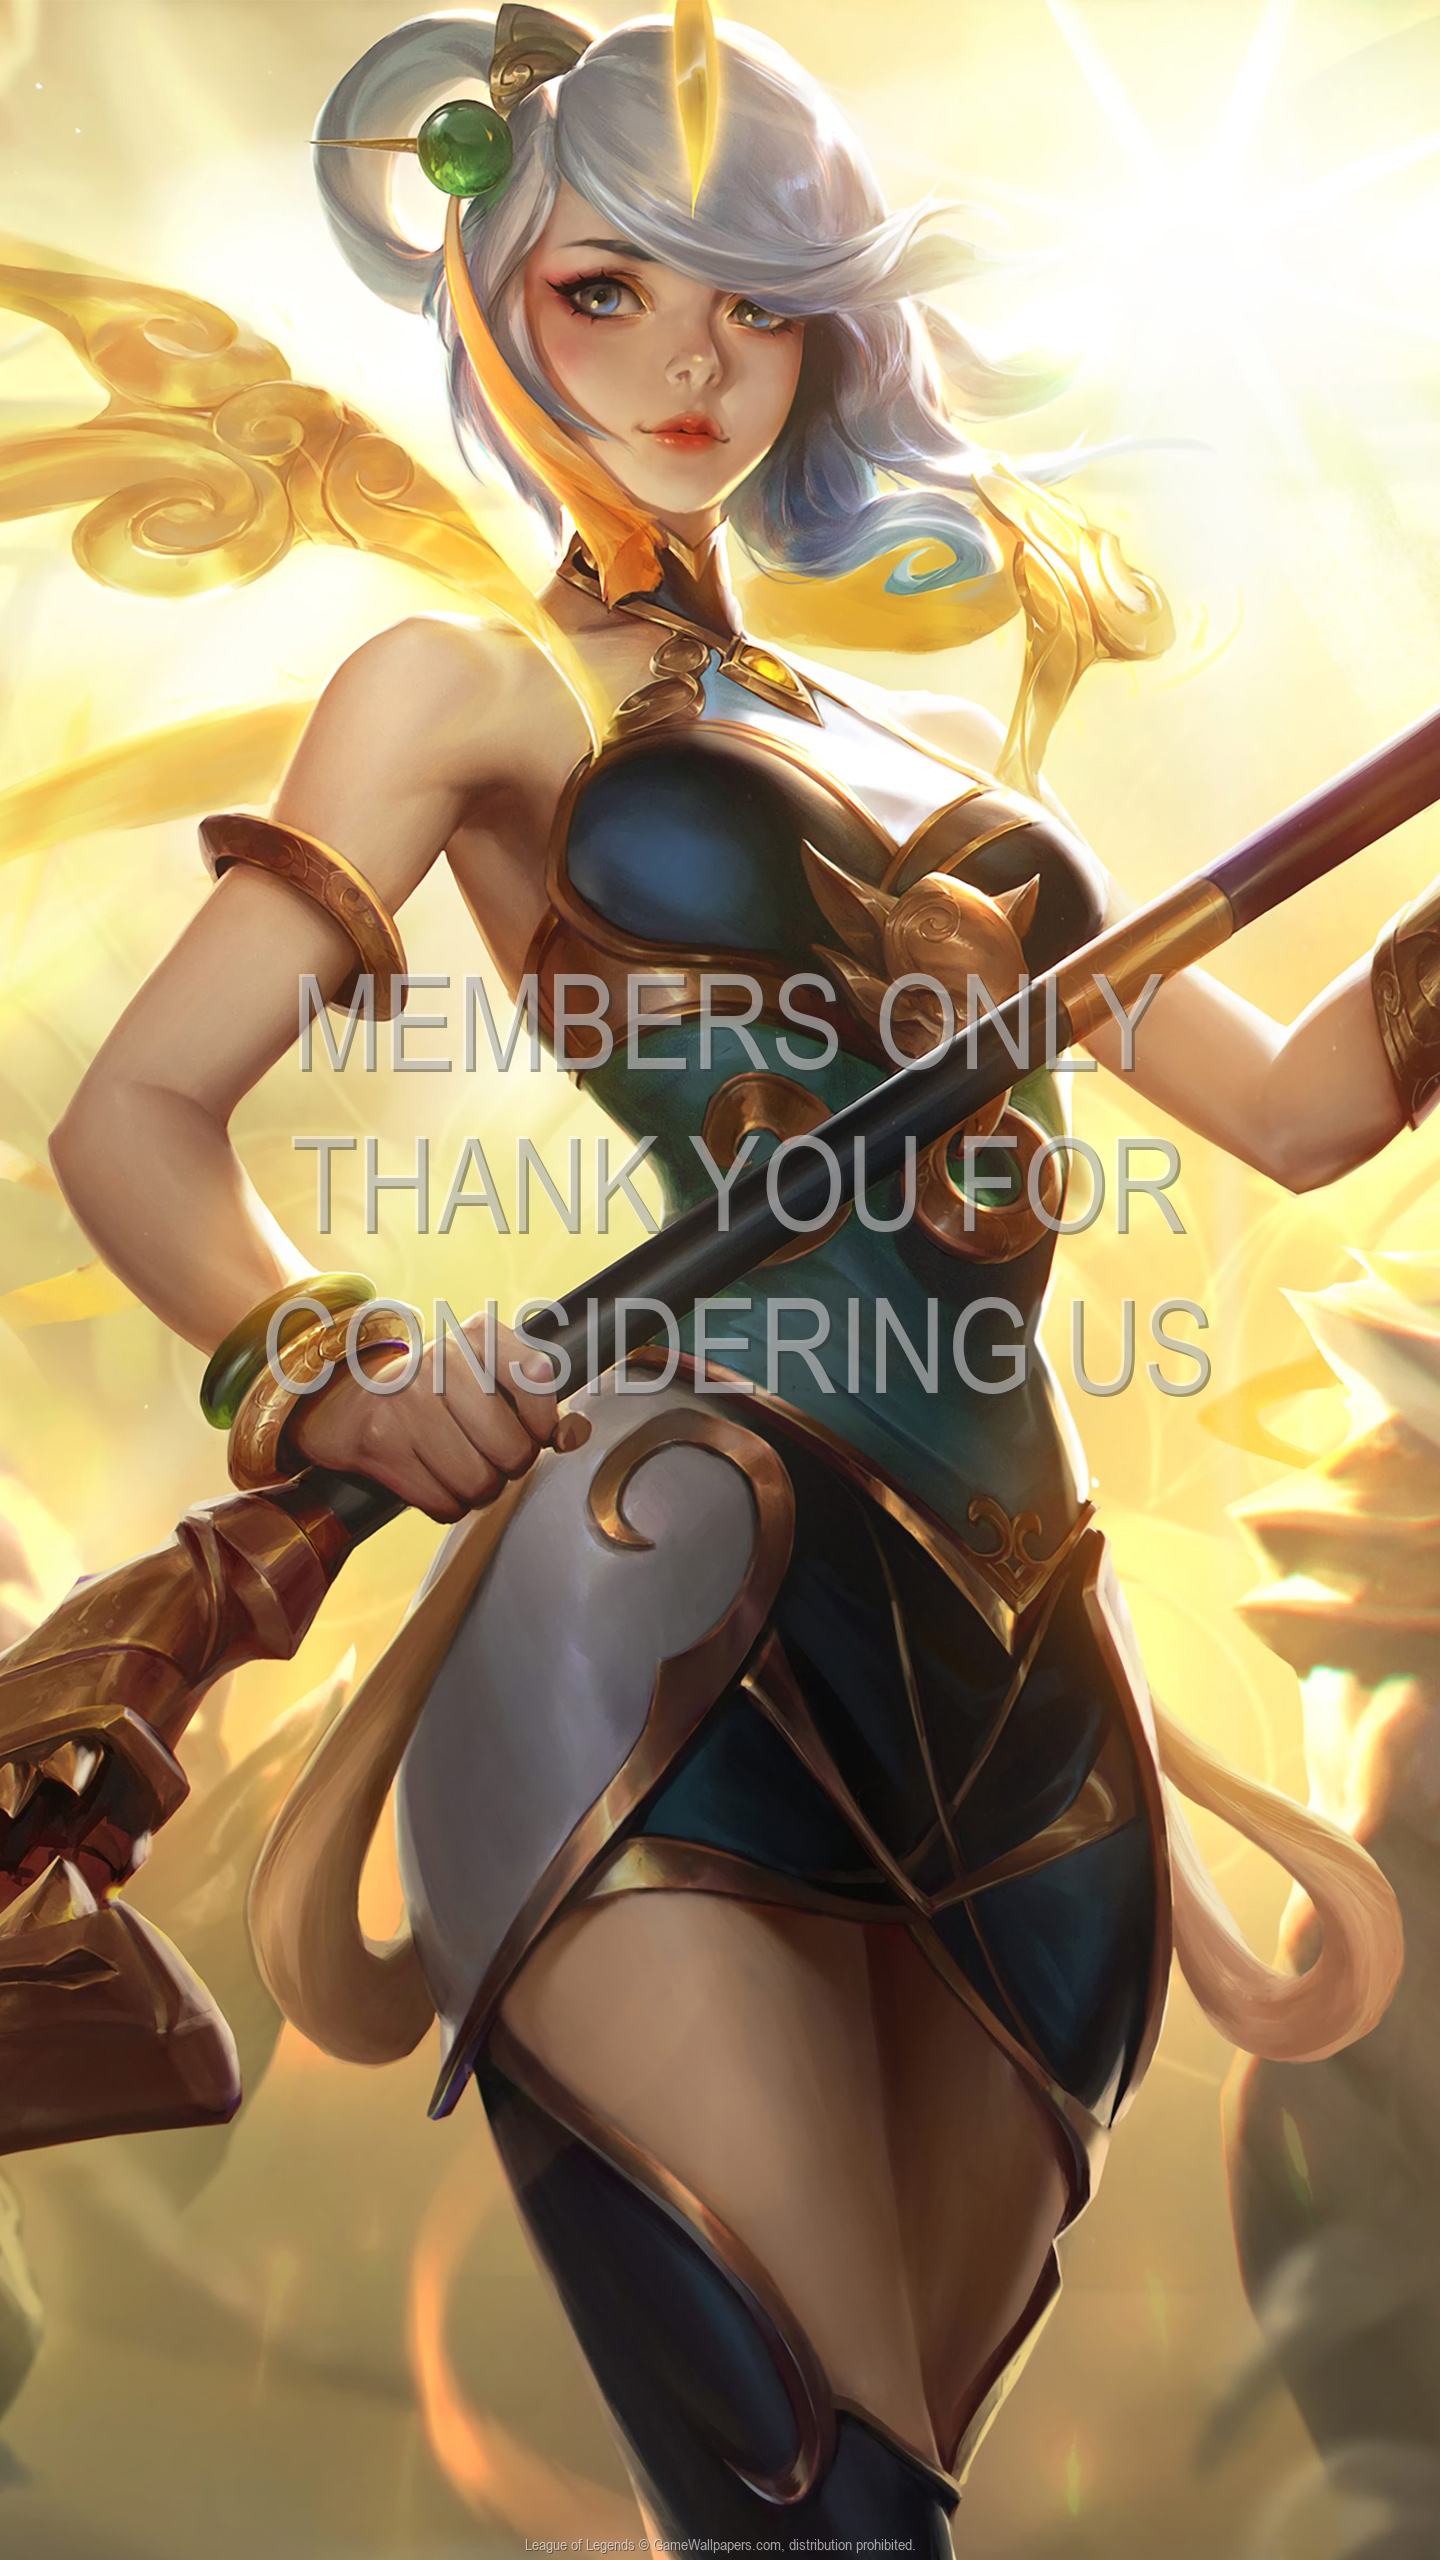 League of Legends 1920x1080 Mobiele achtergrond 86